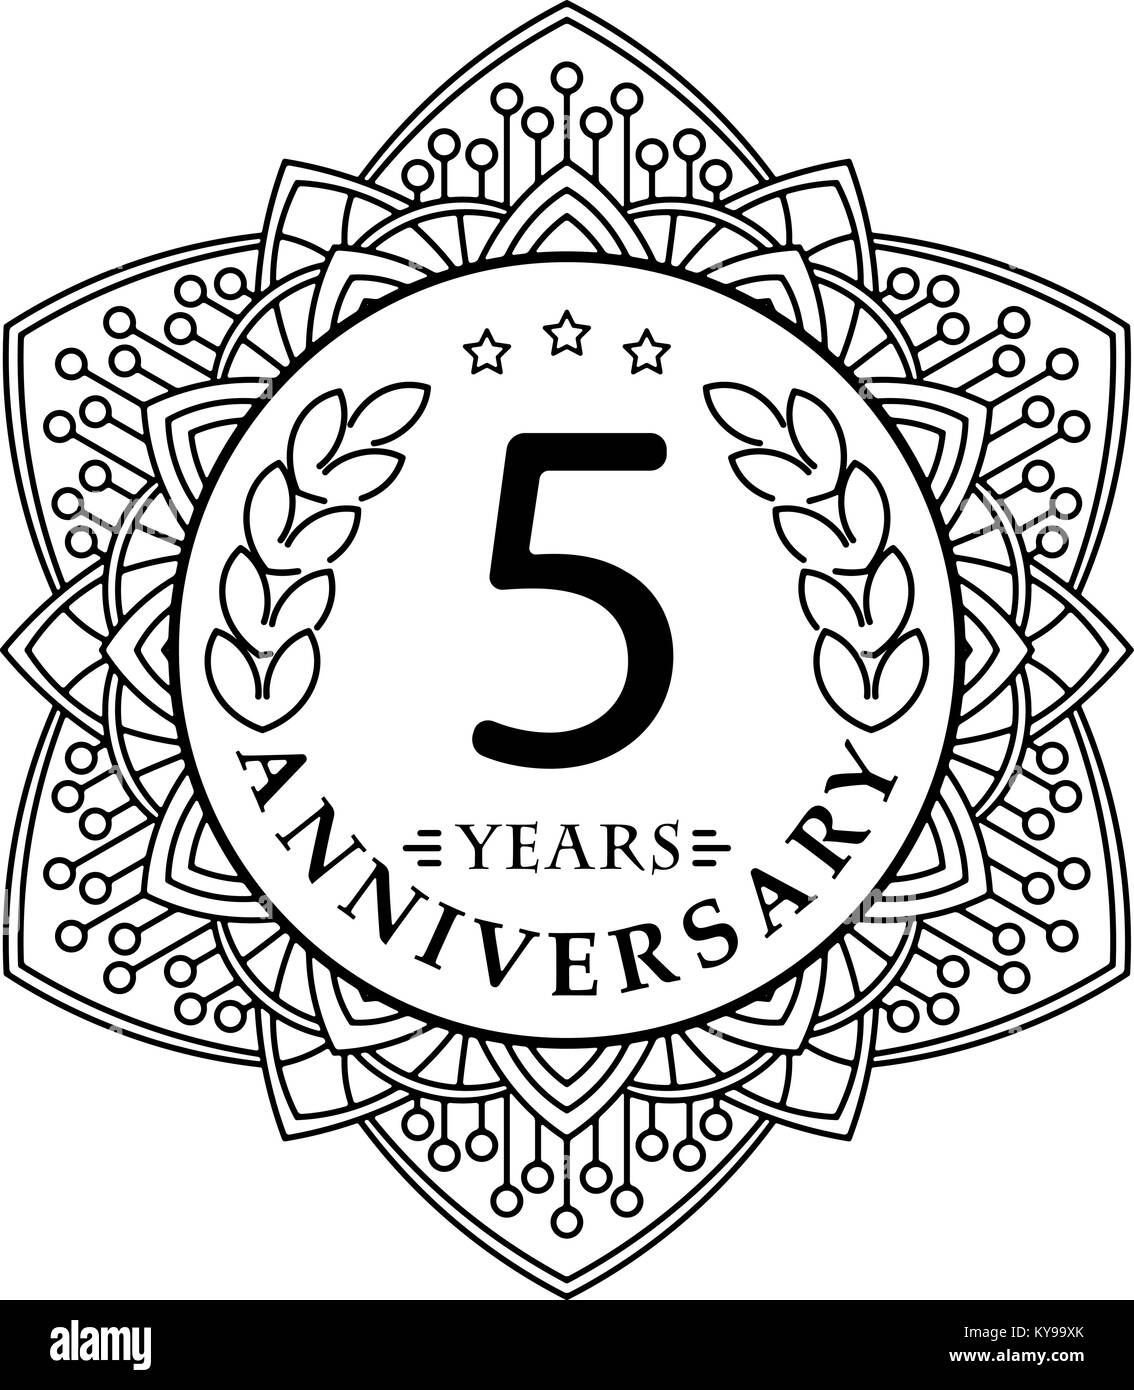 Vintage anniversary 5 years round emblem in mono line style stock vintage anniversary 5 years round emblem in mono line style biocorpaavc Gallery